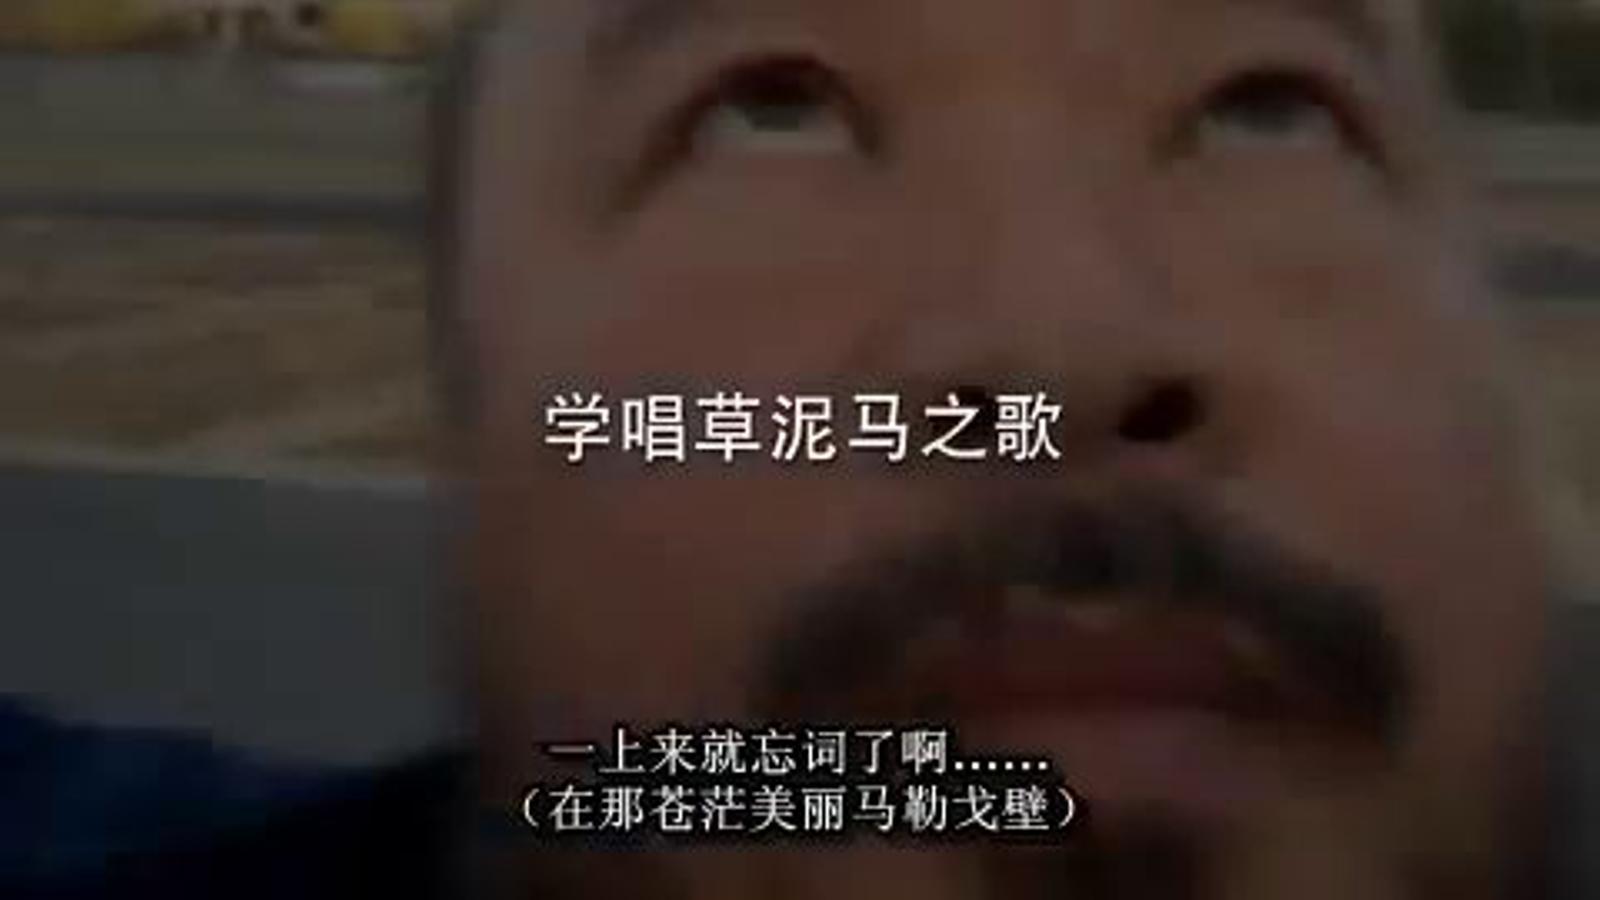 Ai Weiwei s'ha filmat cantant una versió provocativa d'una cançó infantil xinesa.